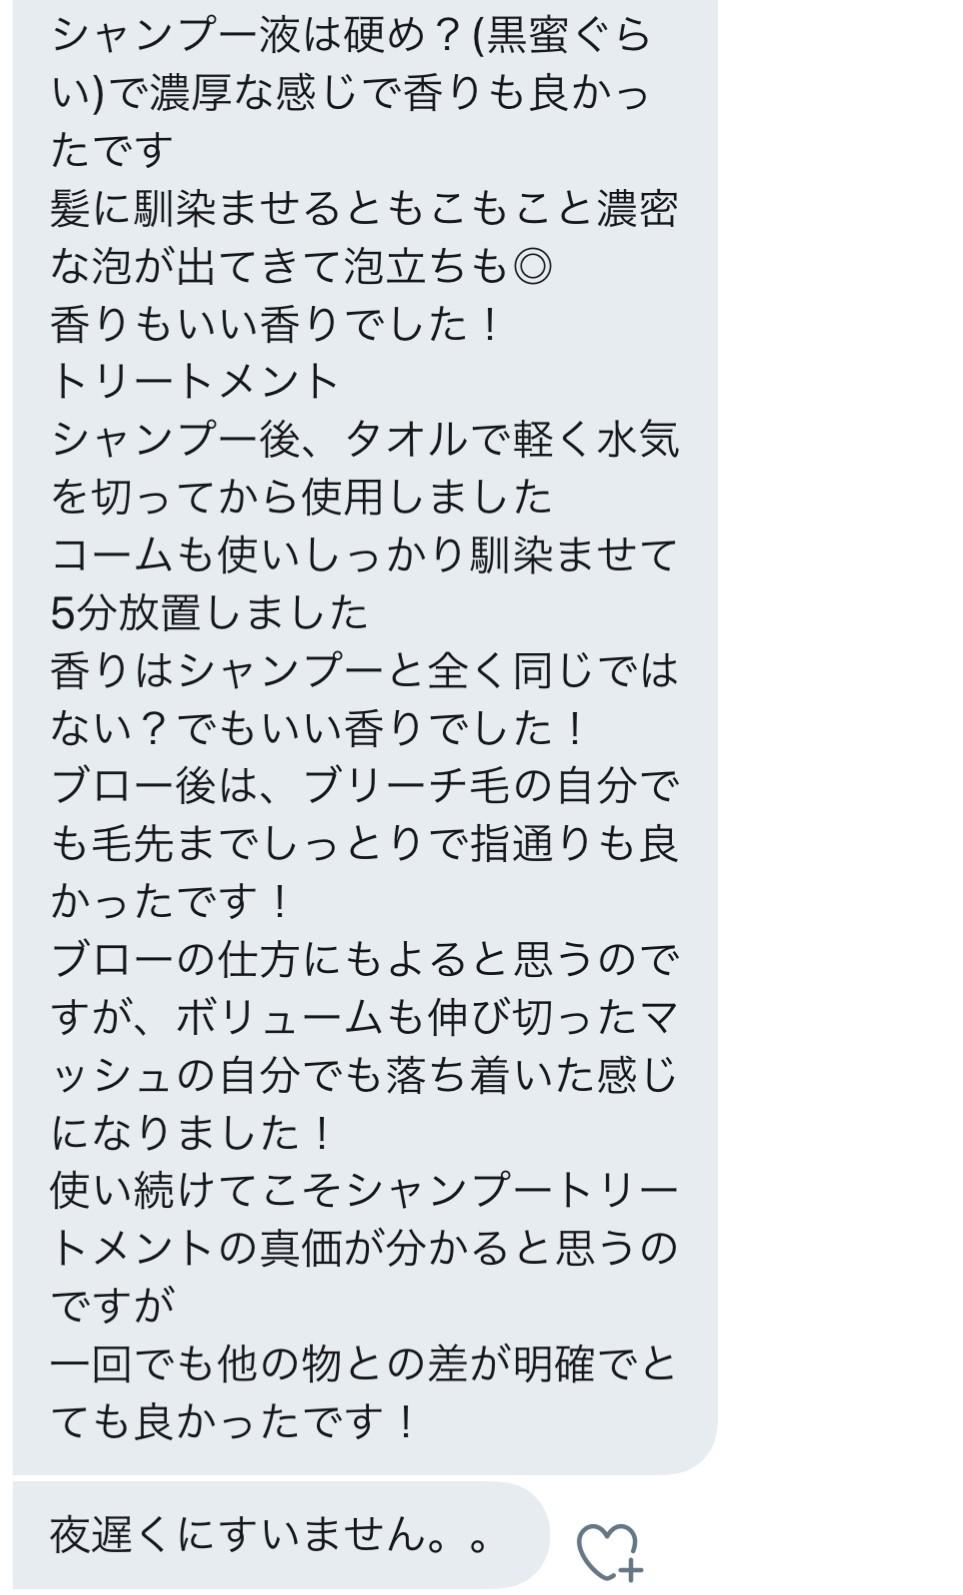 お客様の声 / 口コミ 3